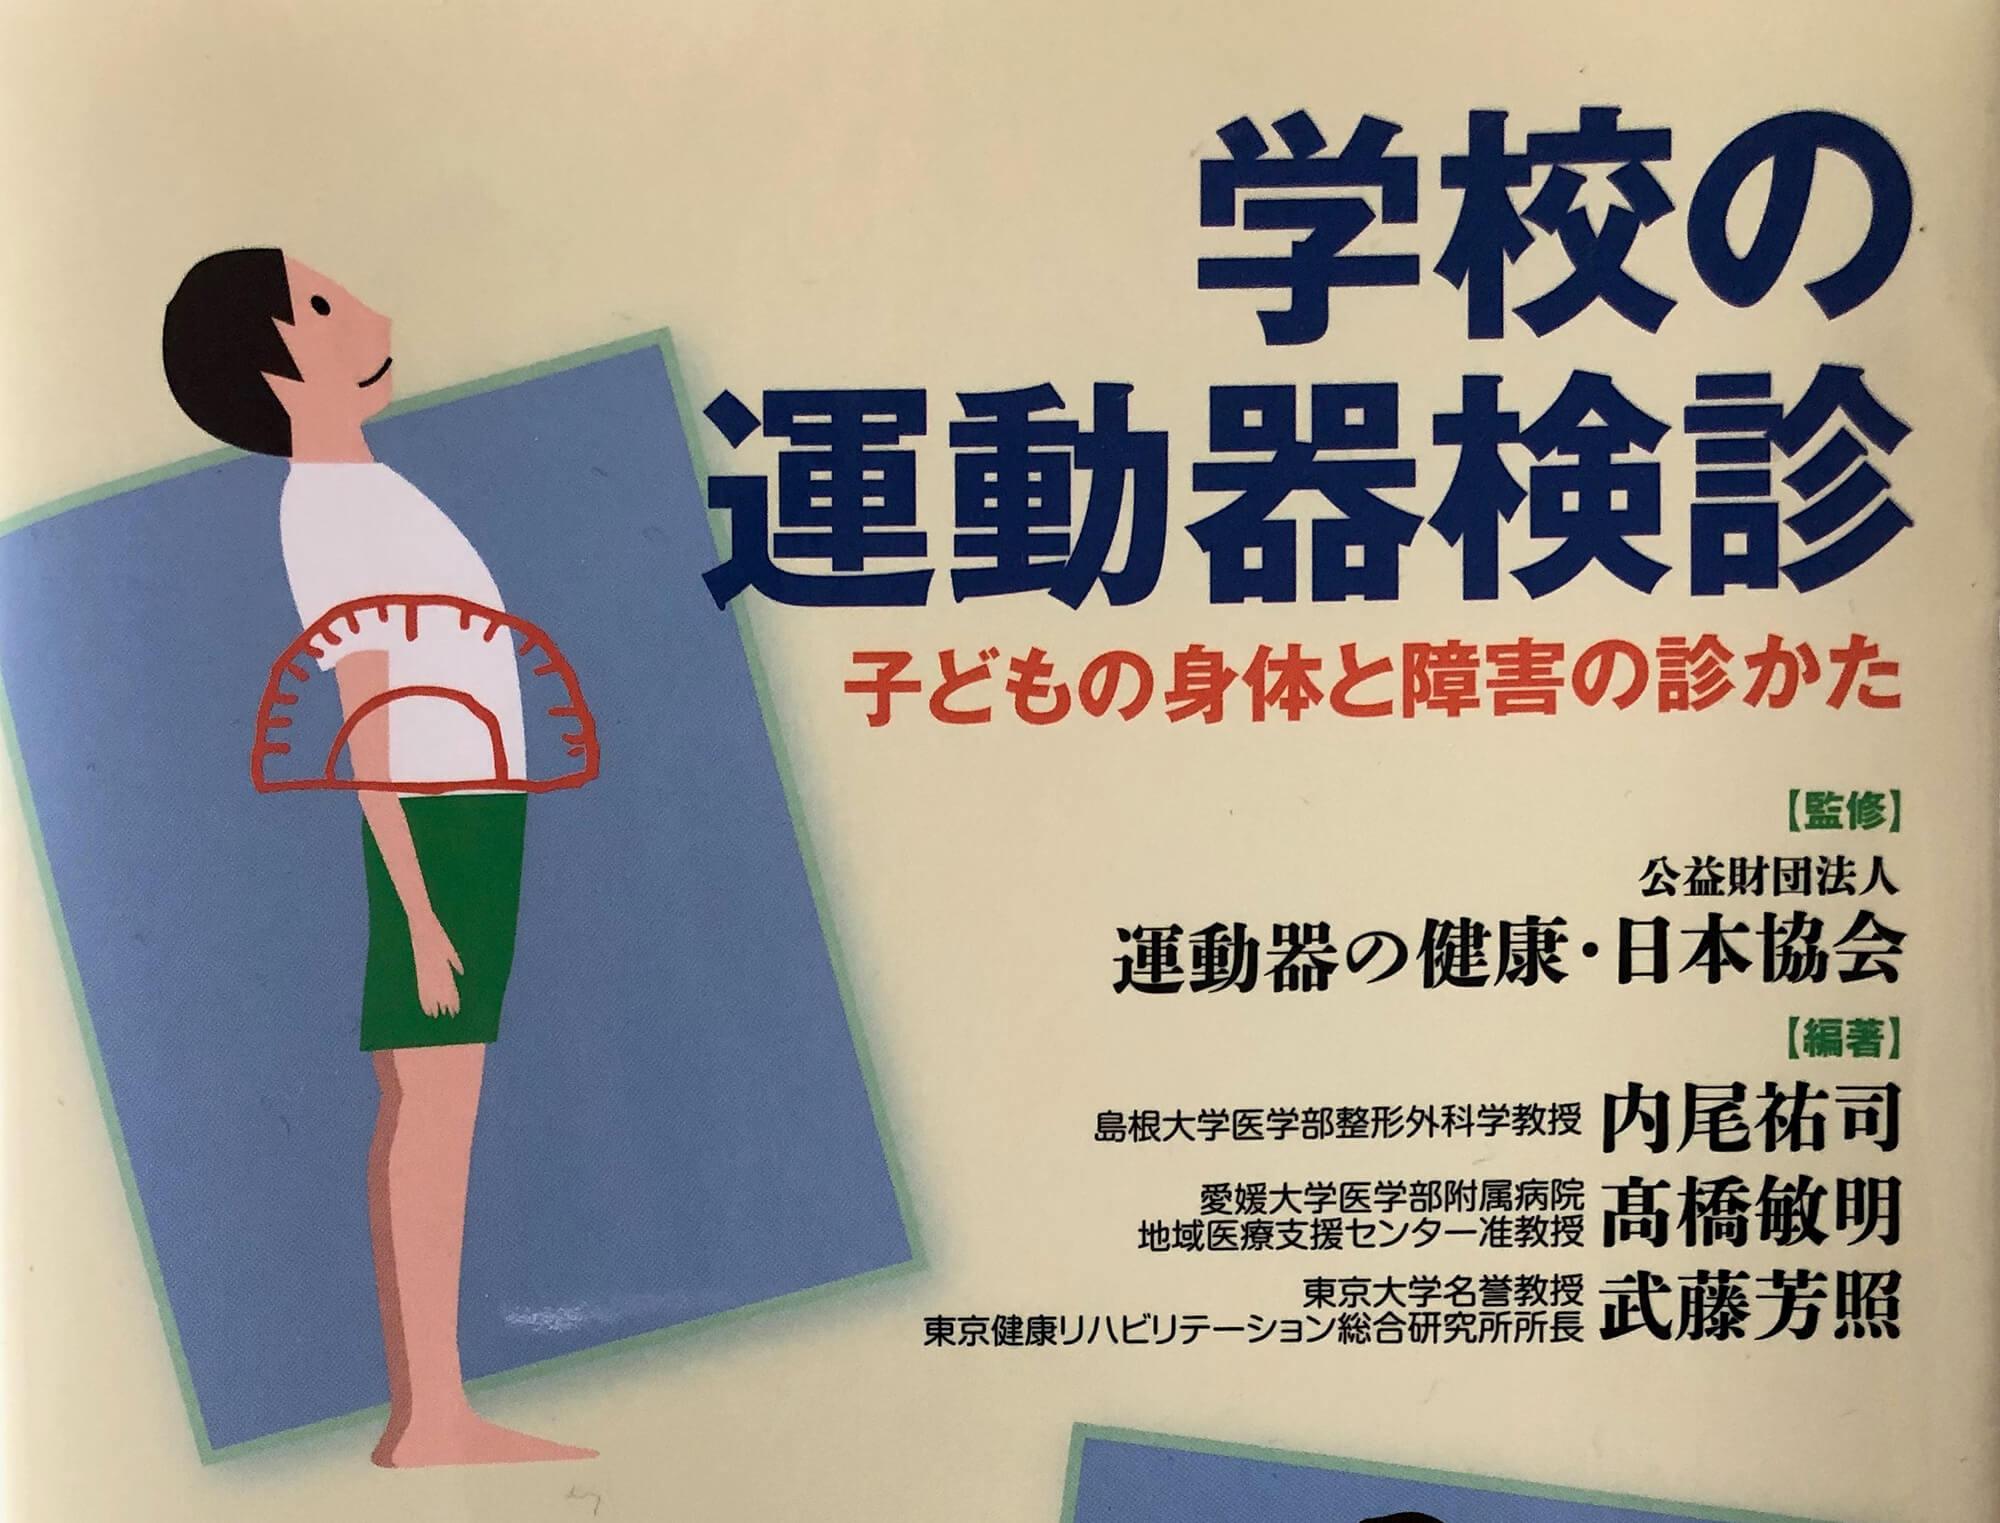 運動器検診のマニュアル本 子どもの健康を守る必読の1冊